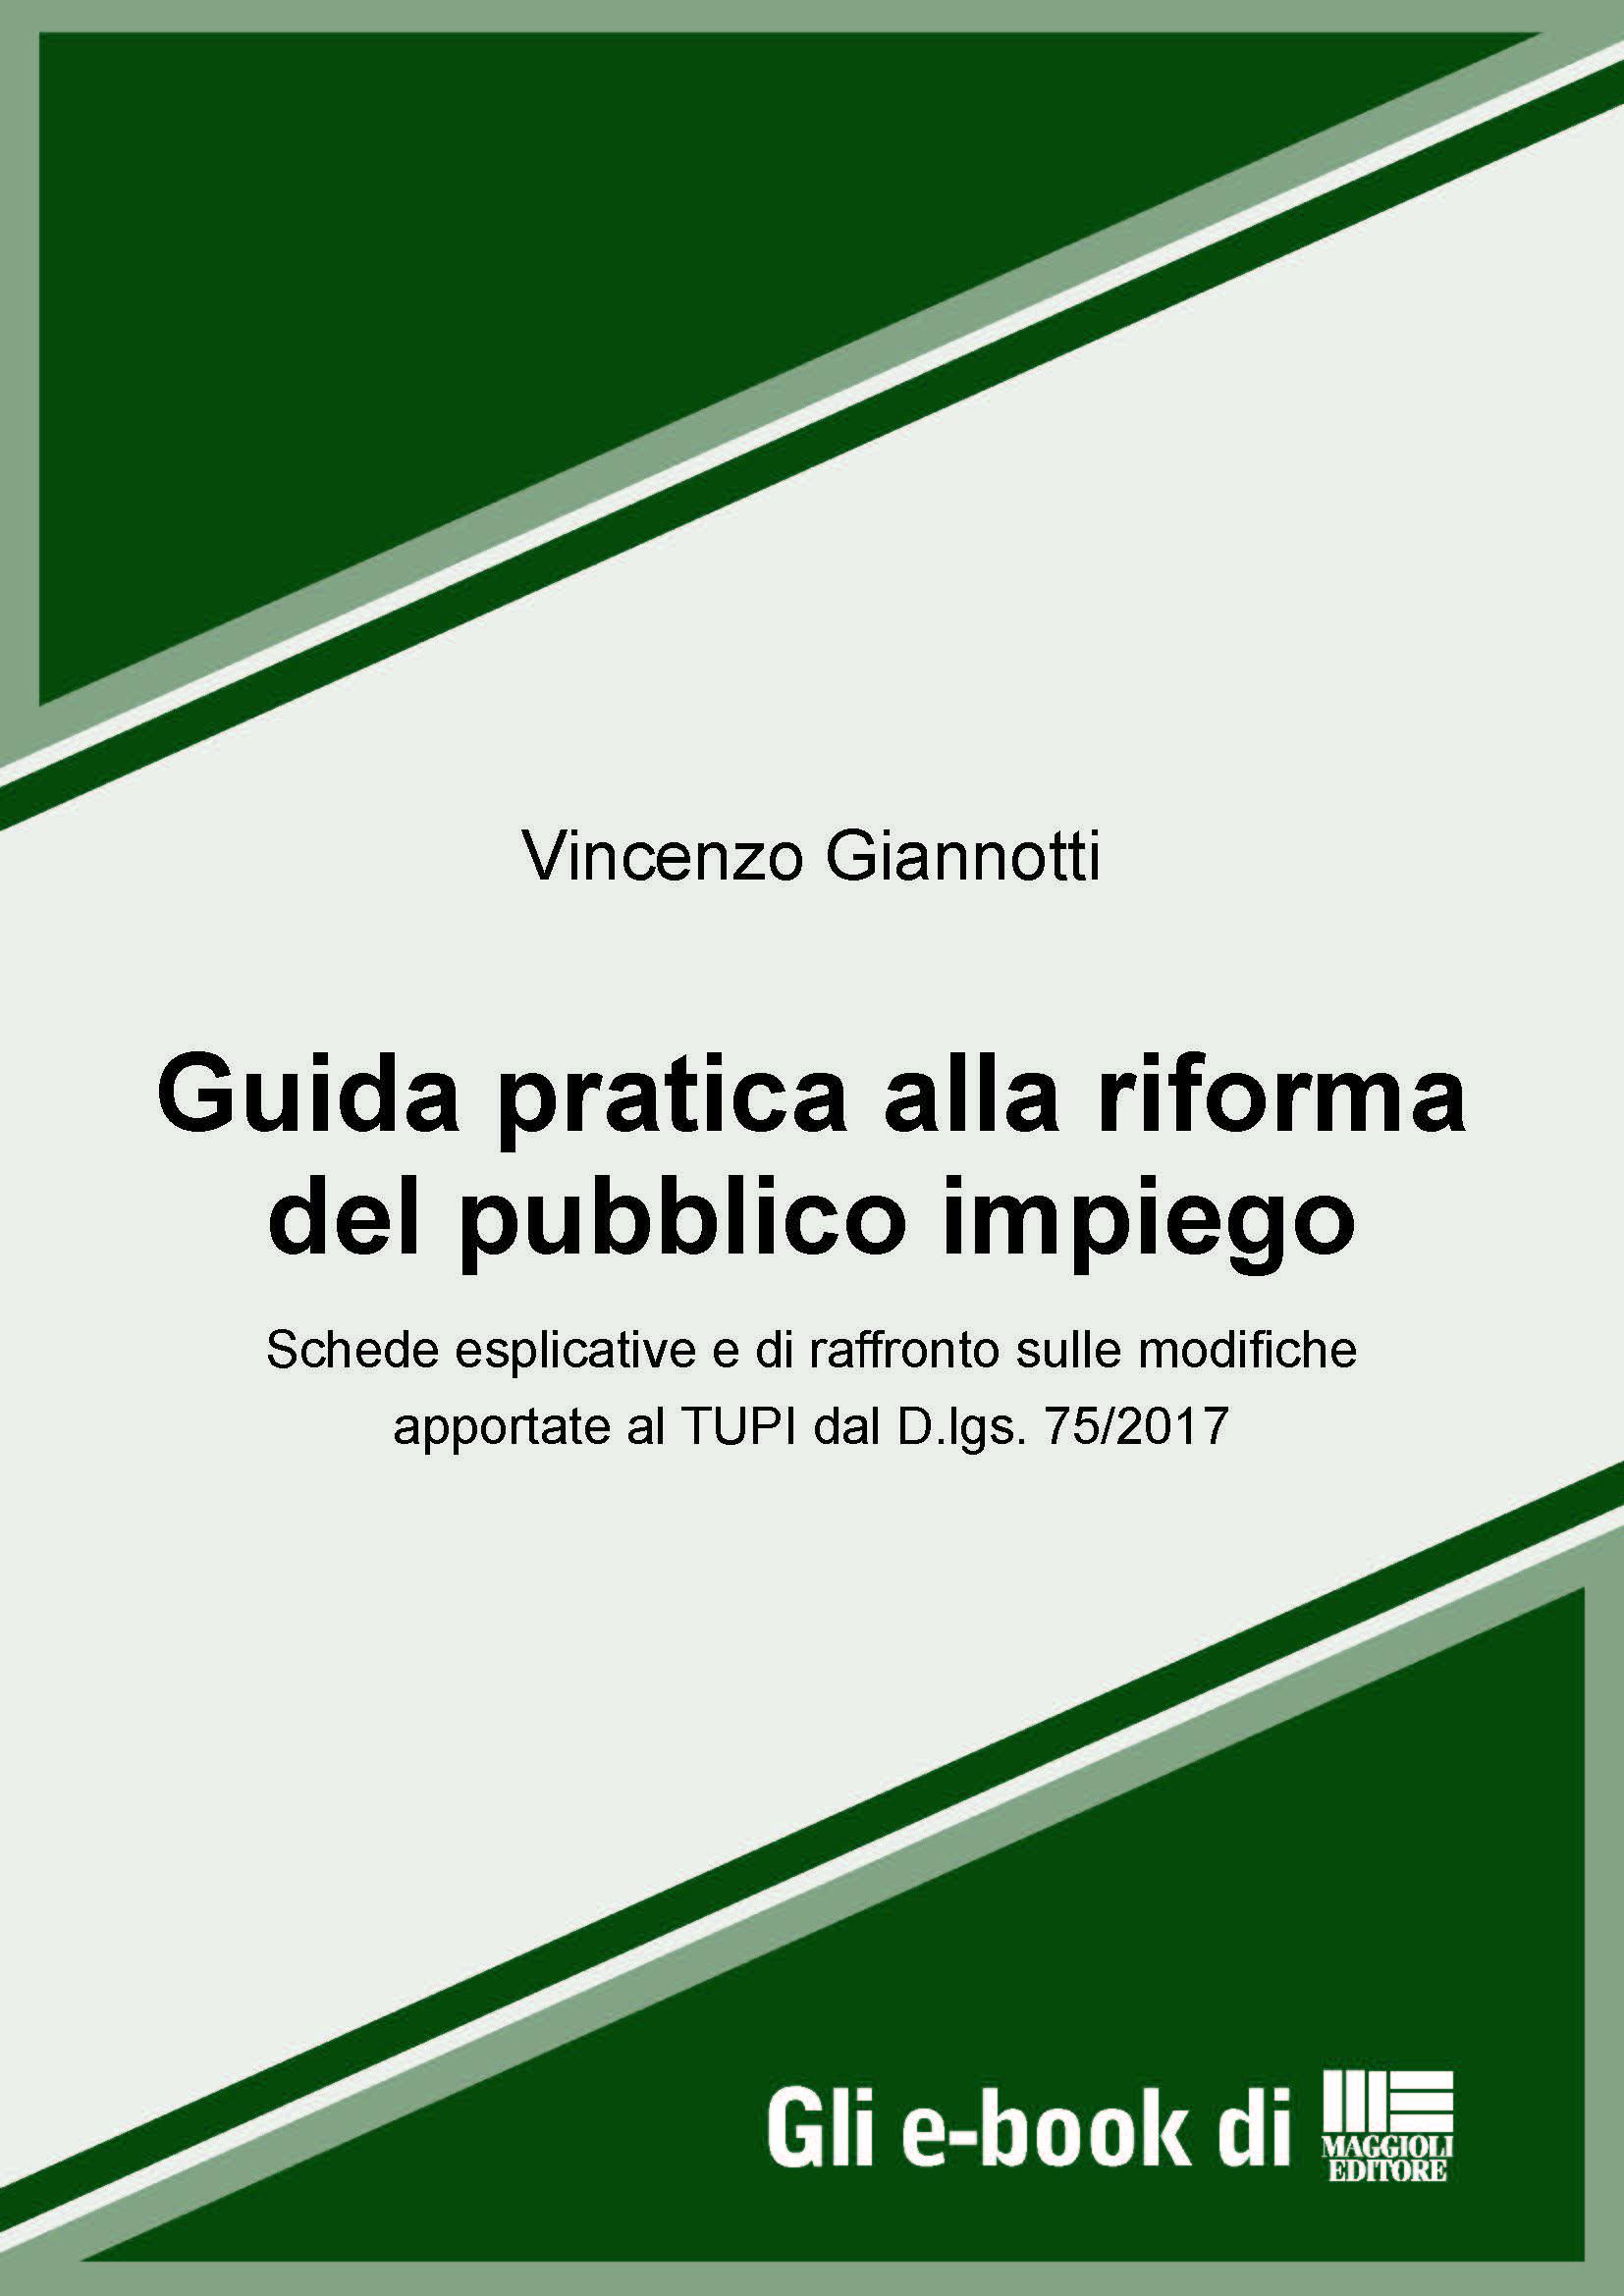 Guida pratica alla riforma del pubblico impiego